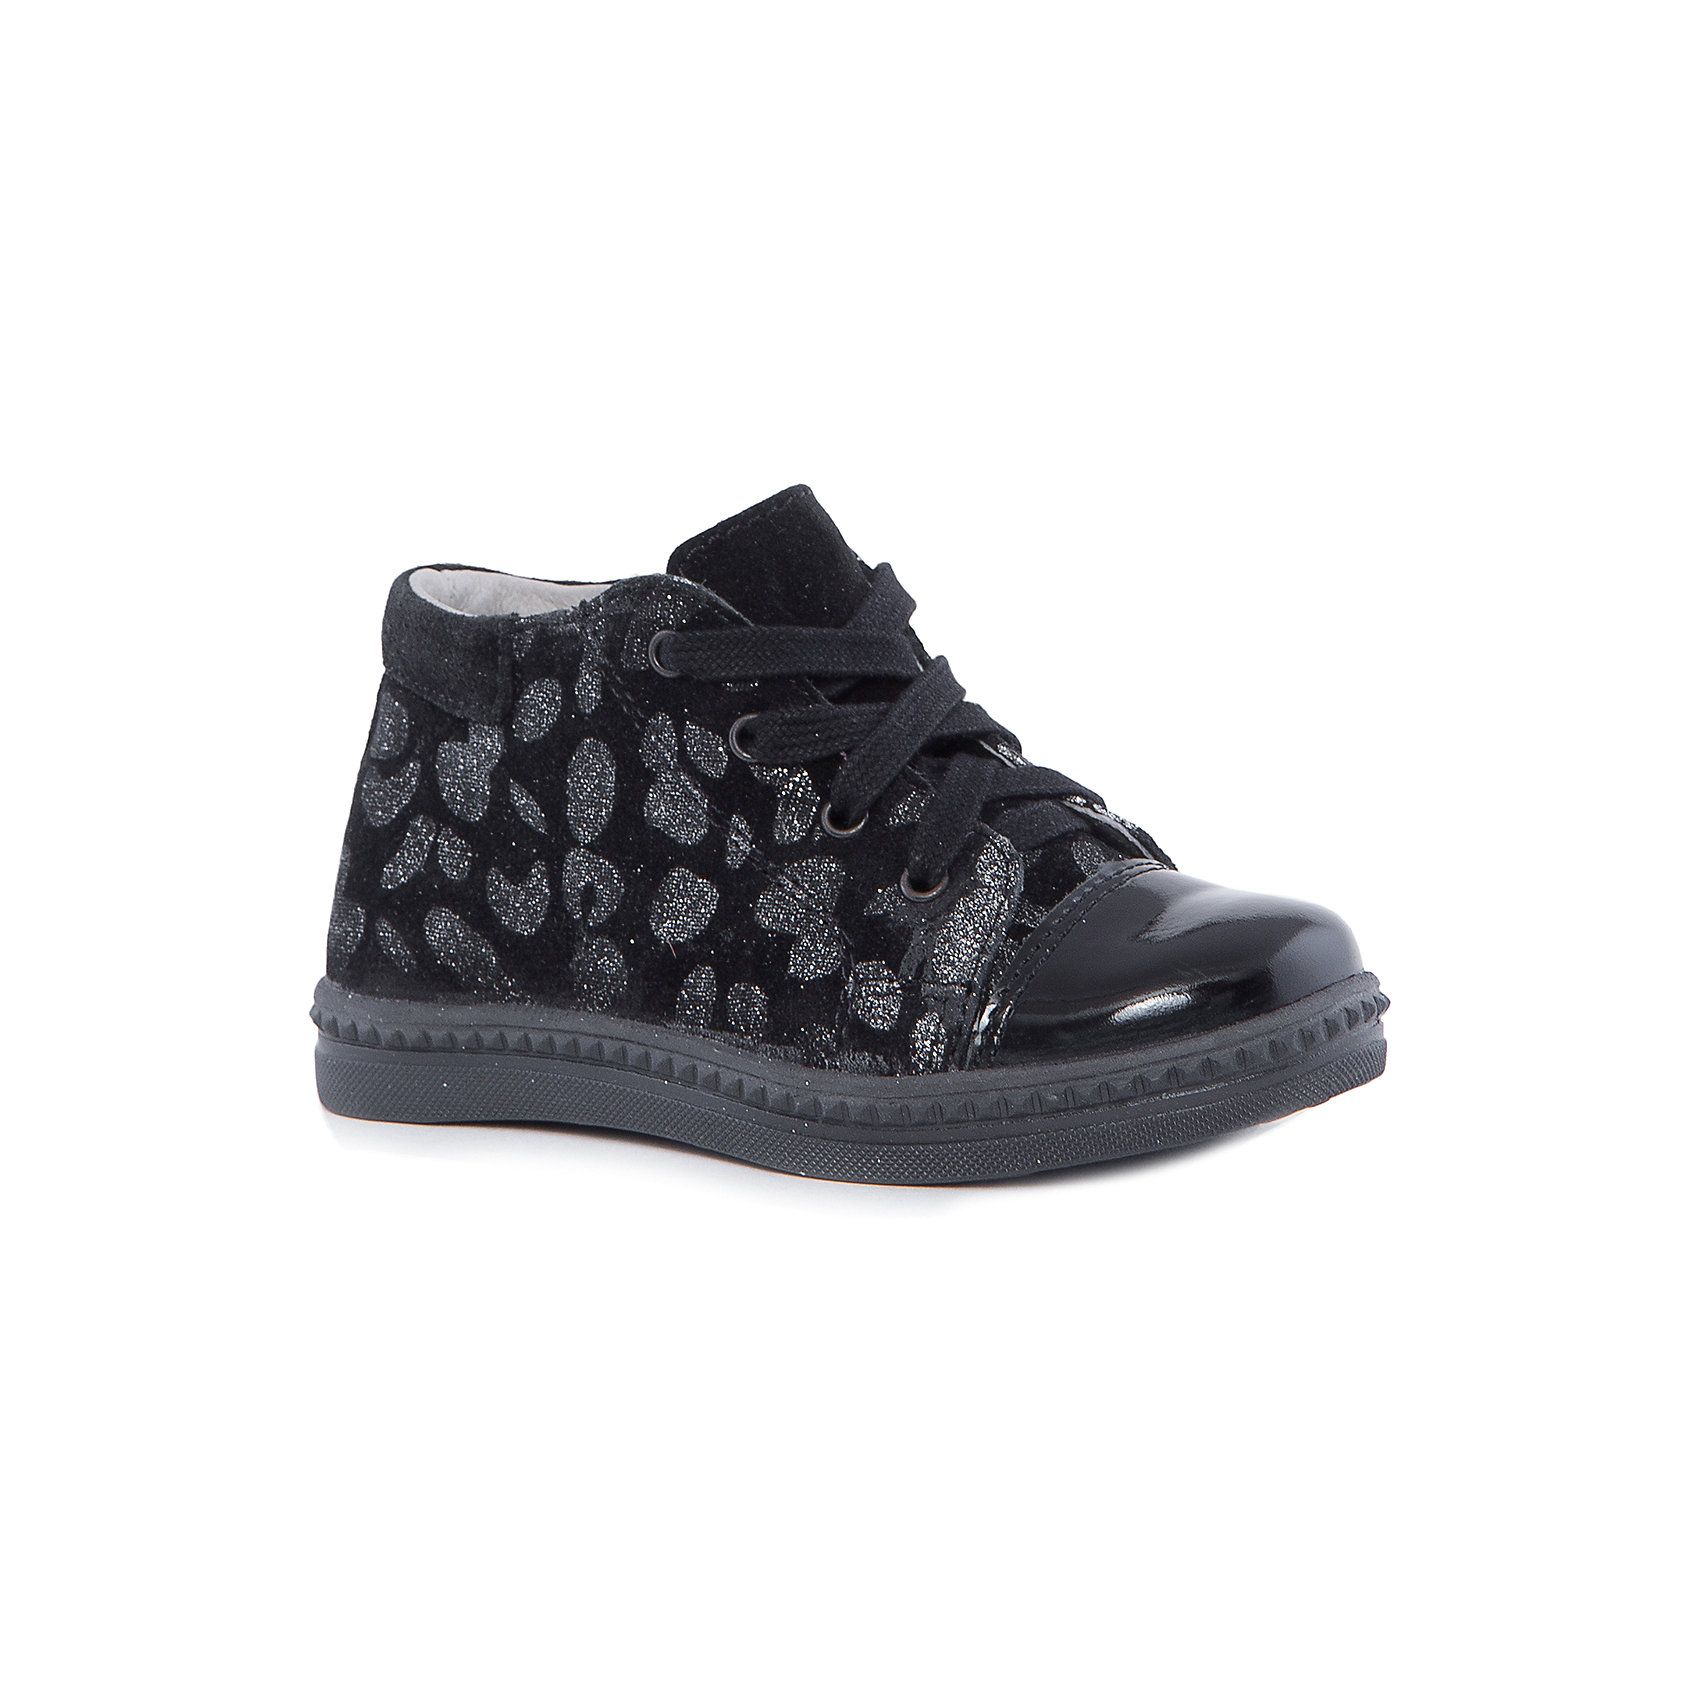 Ботинки для девочки КотофейБотинки<br>Котофей – качественная и стильная детская обувь по доступным ценам. С каждым днем популярность бренда растет.  Модный дизайн и невероятное удобство ботинок для девочек из новой коллекции оценят все обладательницы данной модели. Стильные черные ботинки с принтом на замшевой части на удобной застежке – молнии -  прекрасный выбор обновки гардероба к новому сезону. <br><br>Дополнительная информация:<br><br>цвет: черный;<br>вид крепления: на клею;<br>застежка: пластиковая молния, шнуровка;<br>температурный режим: от +5°С до +15° С.<br><br>Состав:<br>материал верха – кожа;<br>материал подклада – кожподкладка;<br>подошва – ТЭП.<br><br>Осенние ботиночки из натуральной кожи для девочки дошкольного возраста от фирмы Котофей можно приобрести в нашем магазине.<br><br>Ширина мм: 262<br>Глубина мм: 176<br>Высота мм: 97<br>Вес г: 427<br>Цвет: черный<br>Возраст от месяцев: 24<br>Возраст до месяцев: 36<br>Пол: Женский<br>Возраст: Детский<br>Размер: 26,27,24,28,25,29<br>SKU: 4982433